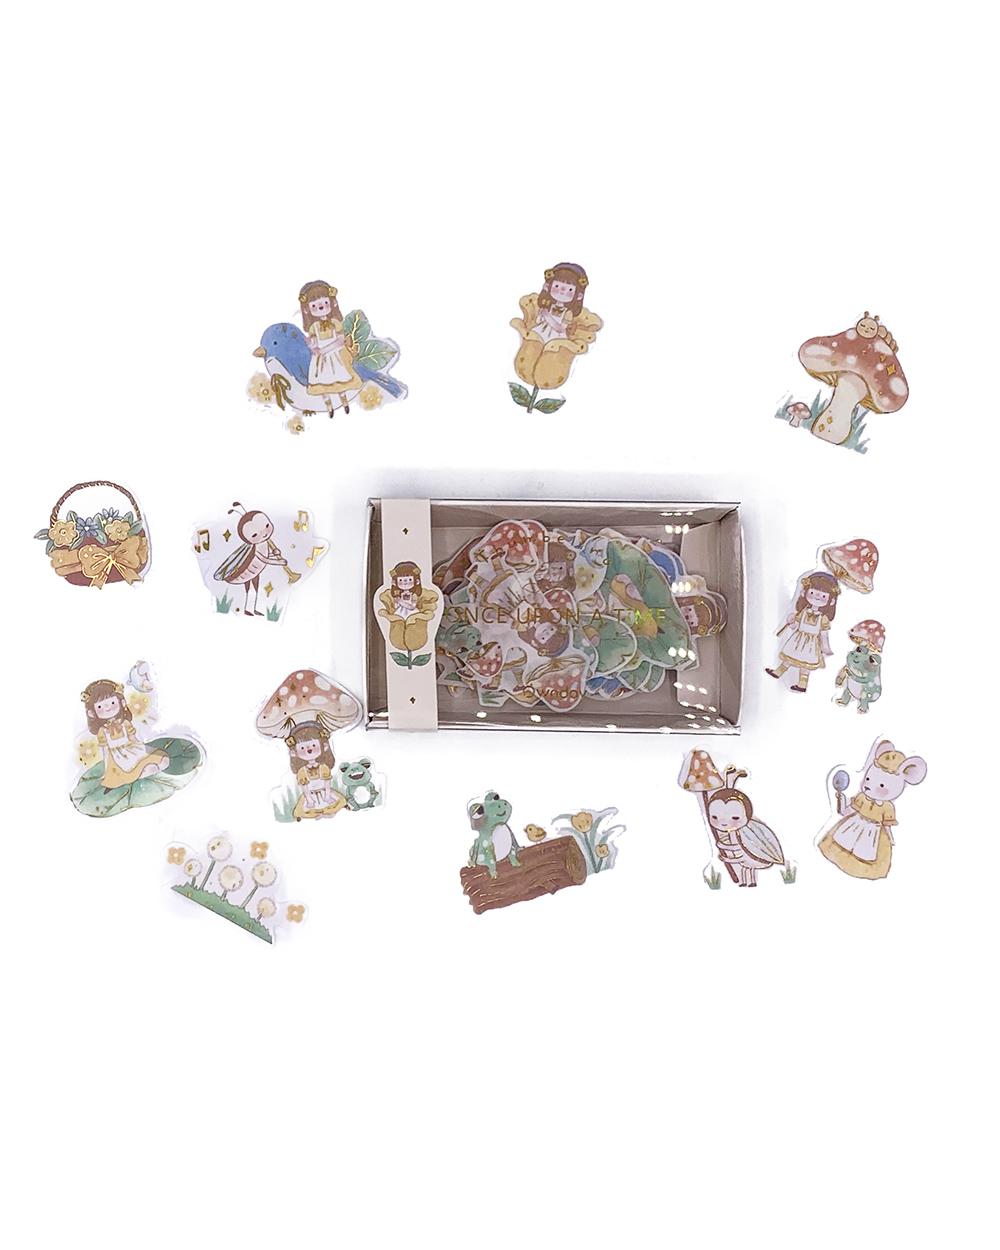 Caixinha de adesivos Fairytale - Polegarzinha